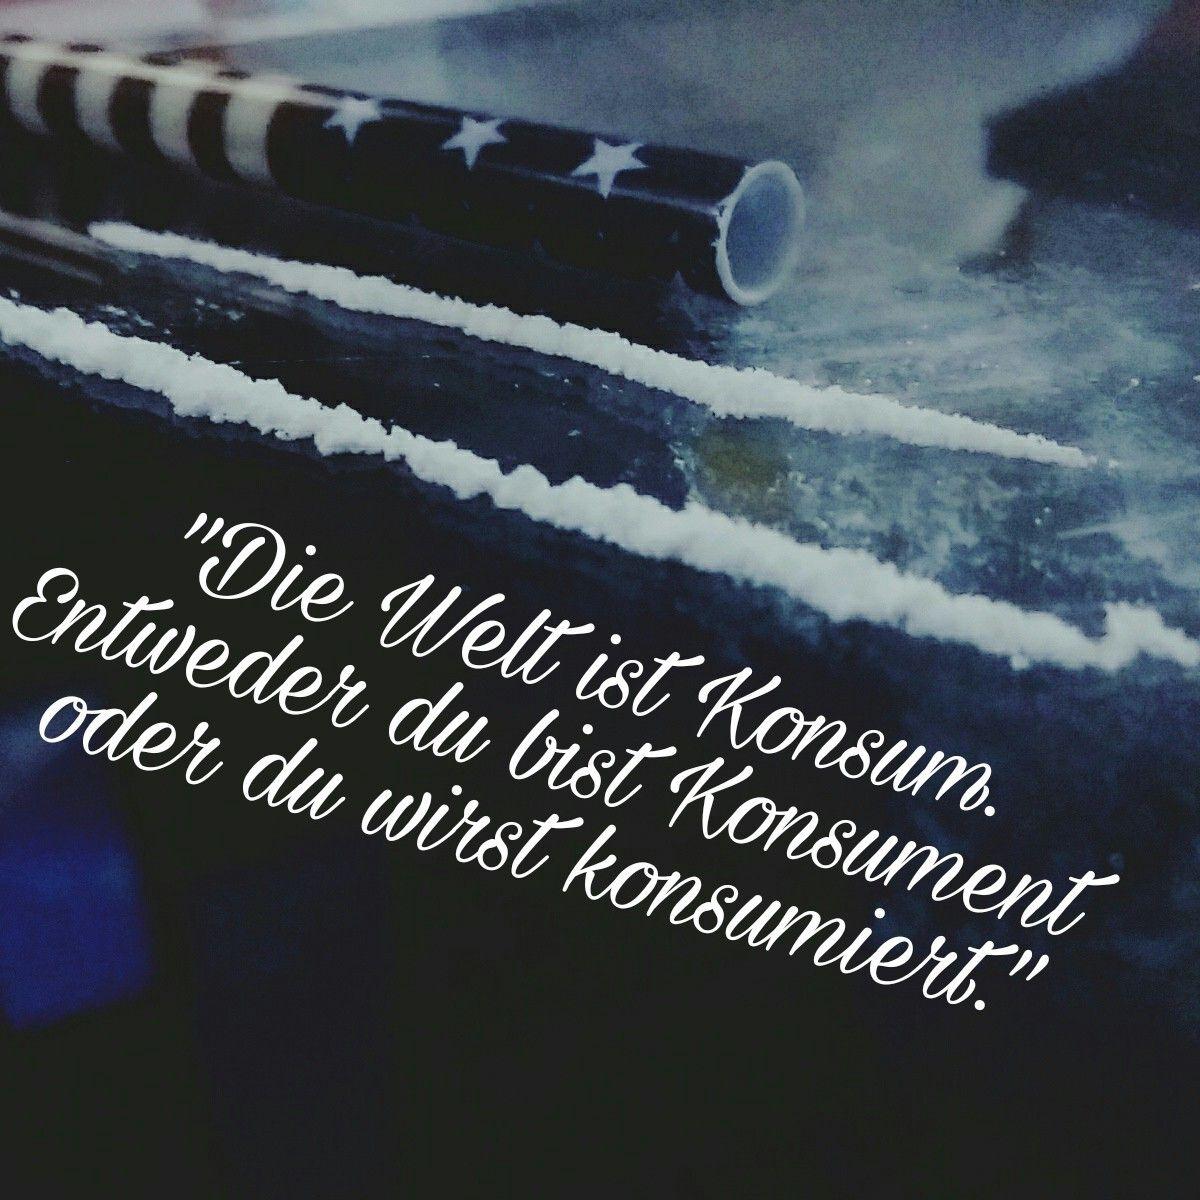 """""""Genau so und nicht anders."""" - #ballern #Deutsch #deutscher #Deutsches #deutschland #Konsum #rotzen #ruppen #scheppern #scheppert #text #verballert #verklatscht #ziehen #Zitat"""